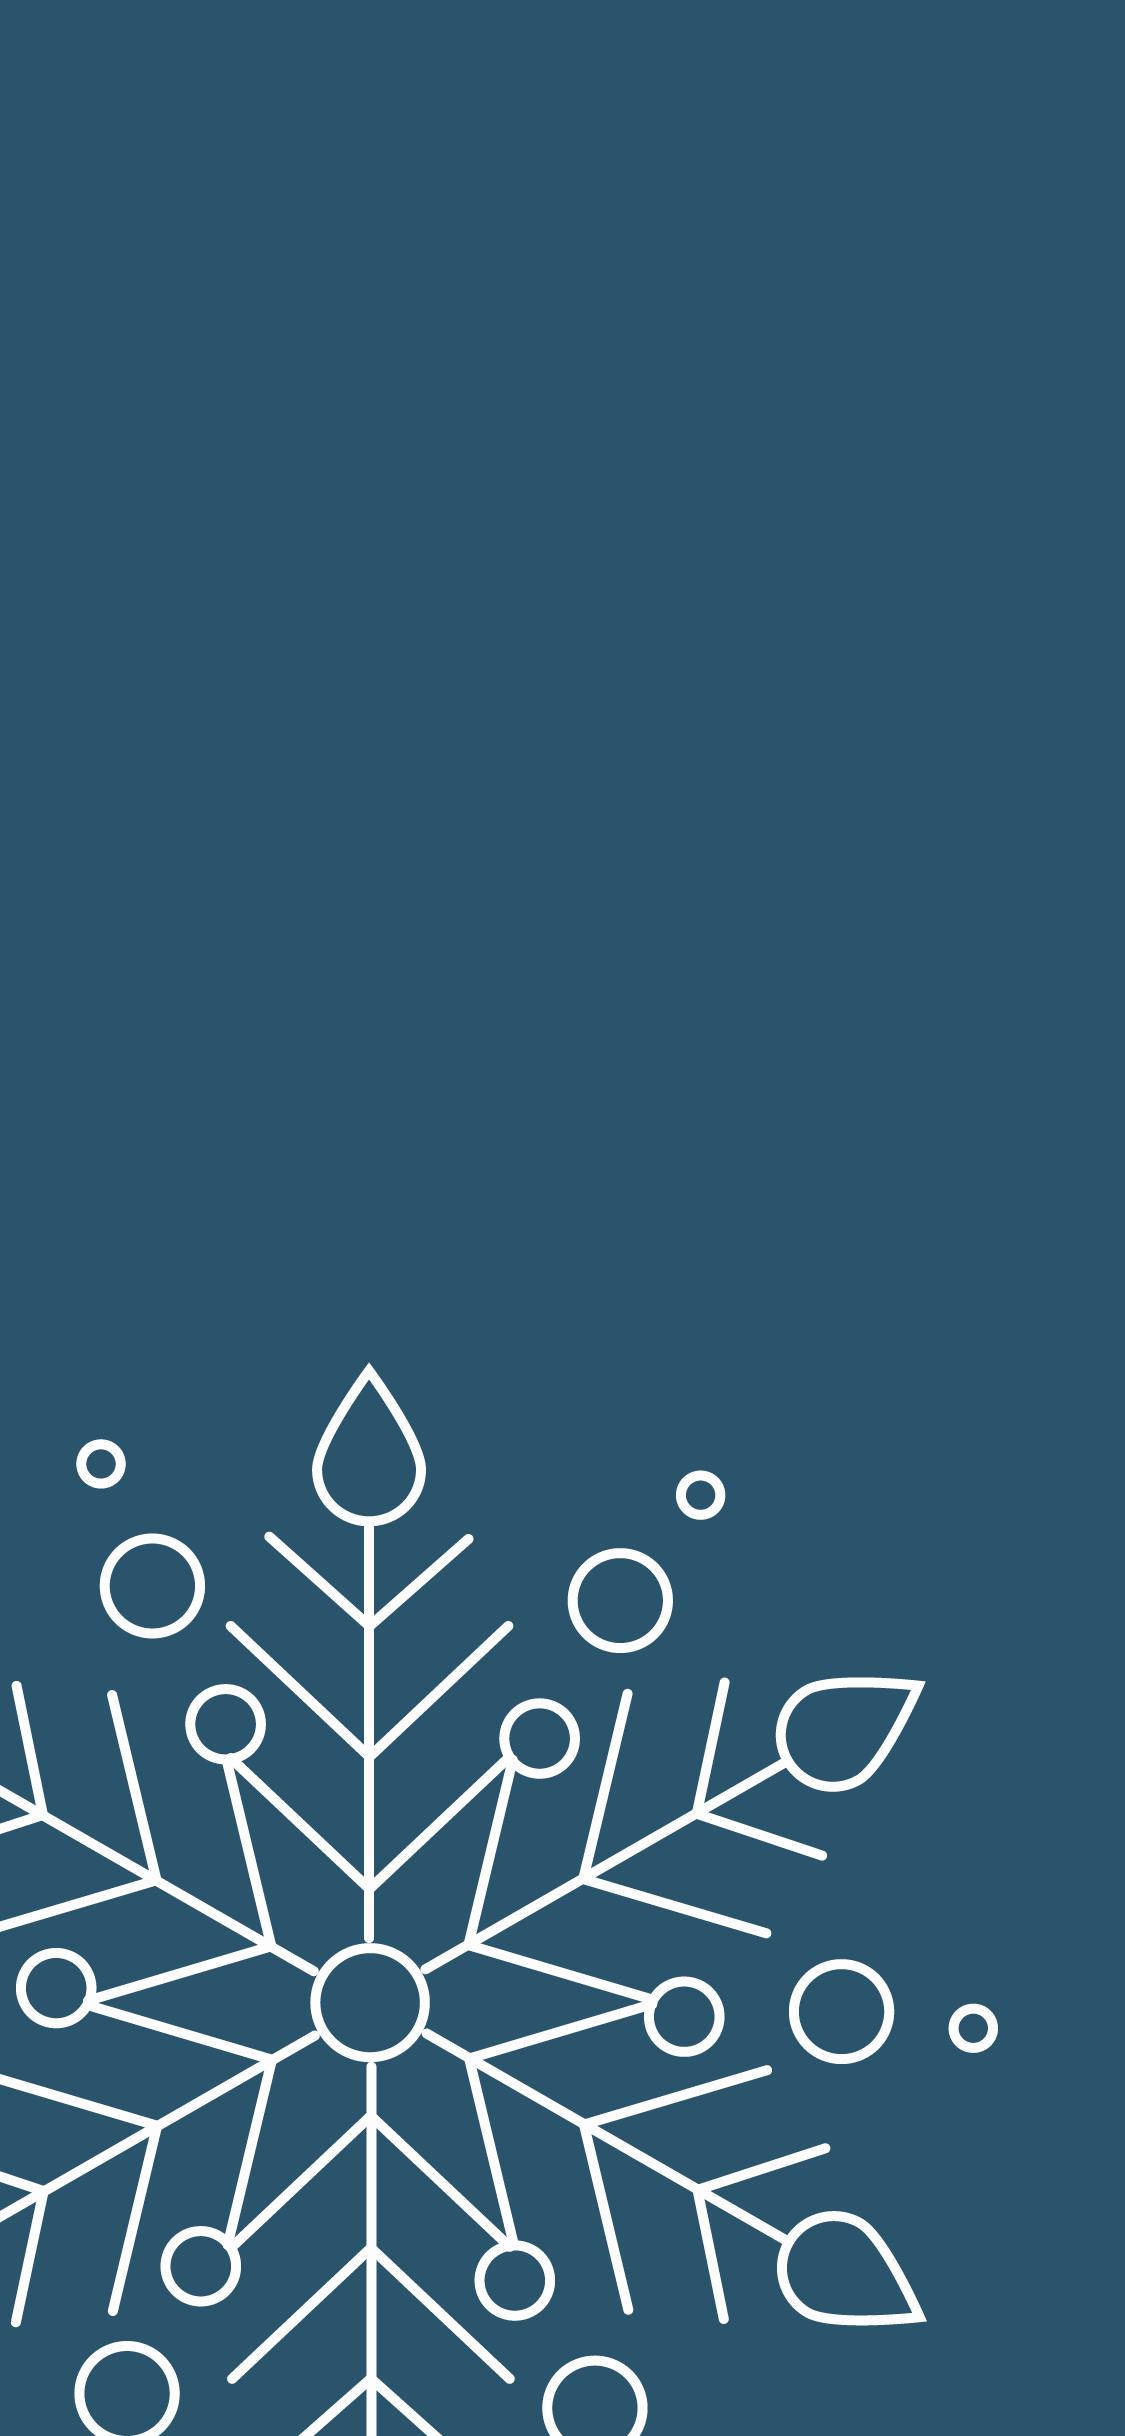 Snowflake Wallpaper Iphone 1125x2436 Wallpaper Teahub Io